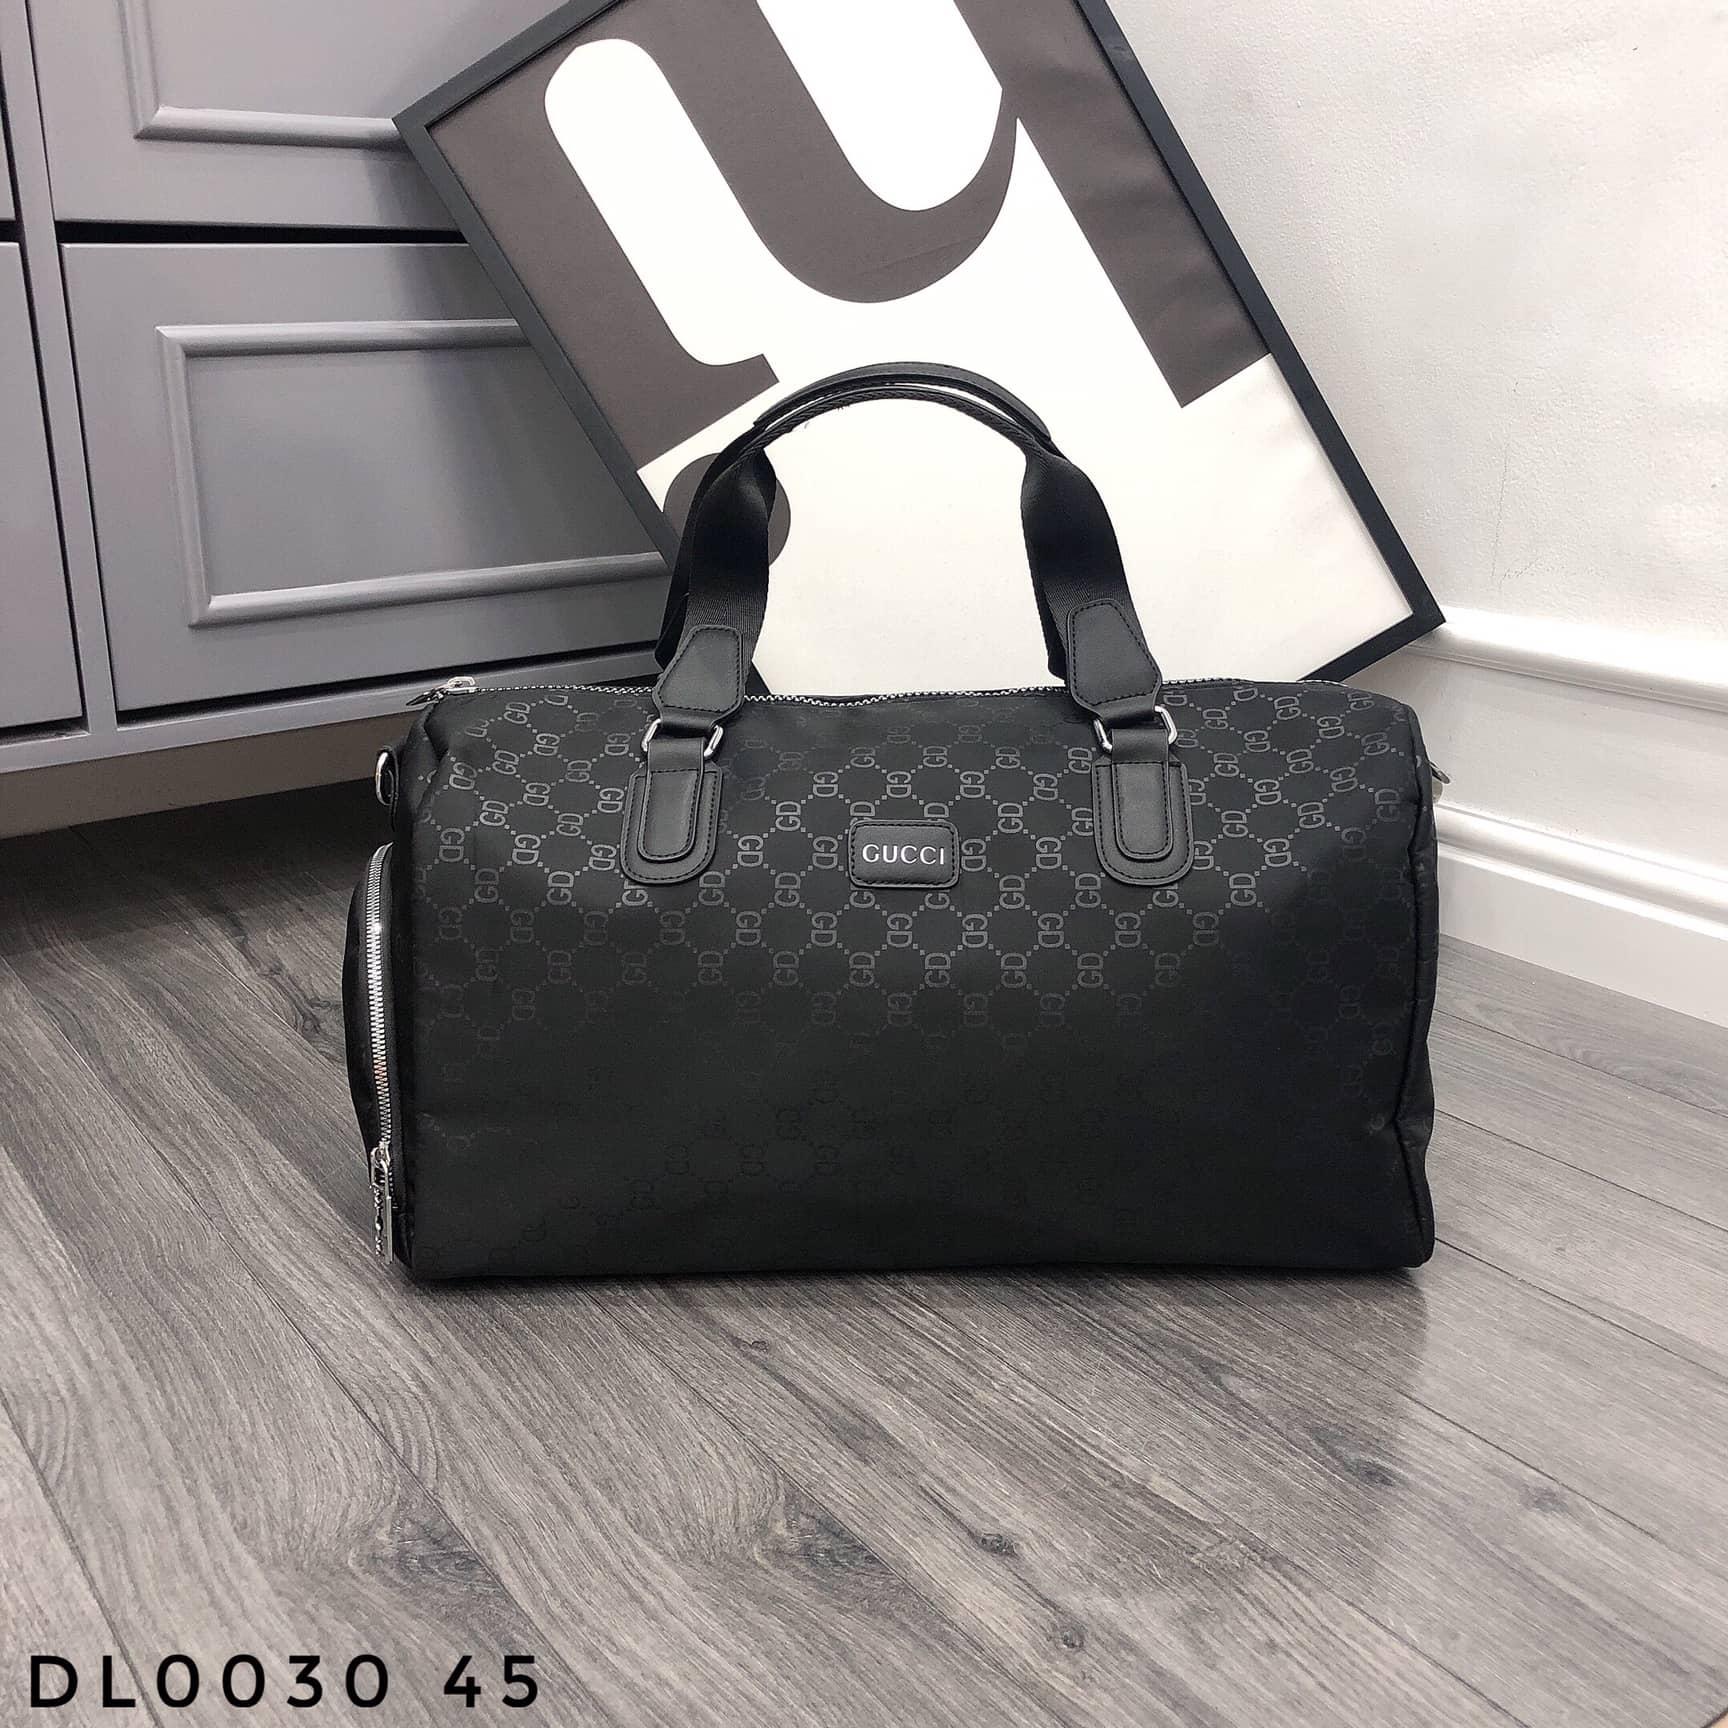 TÚI DL0030